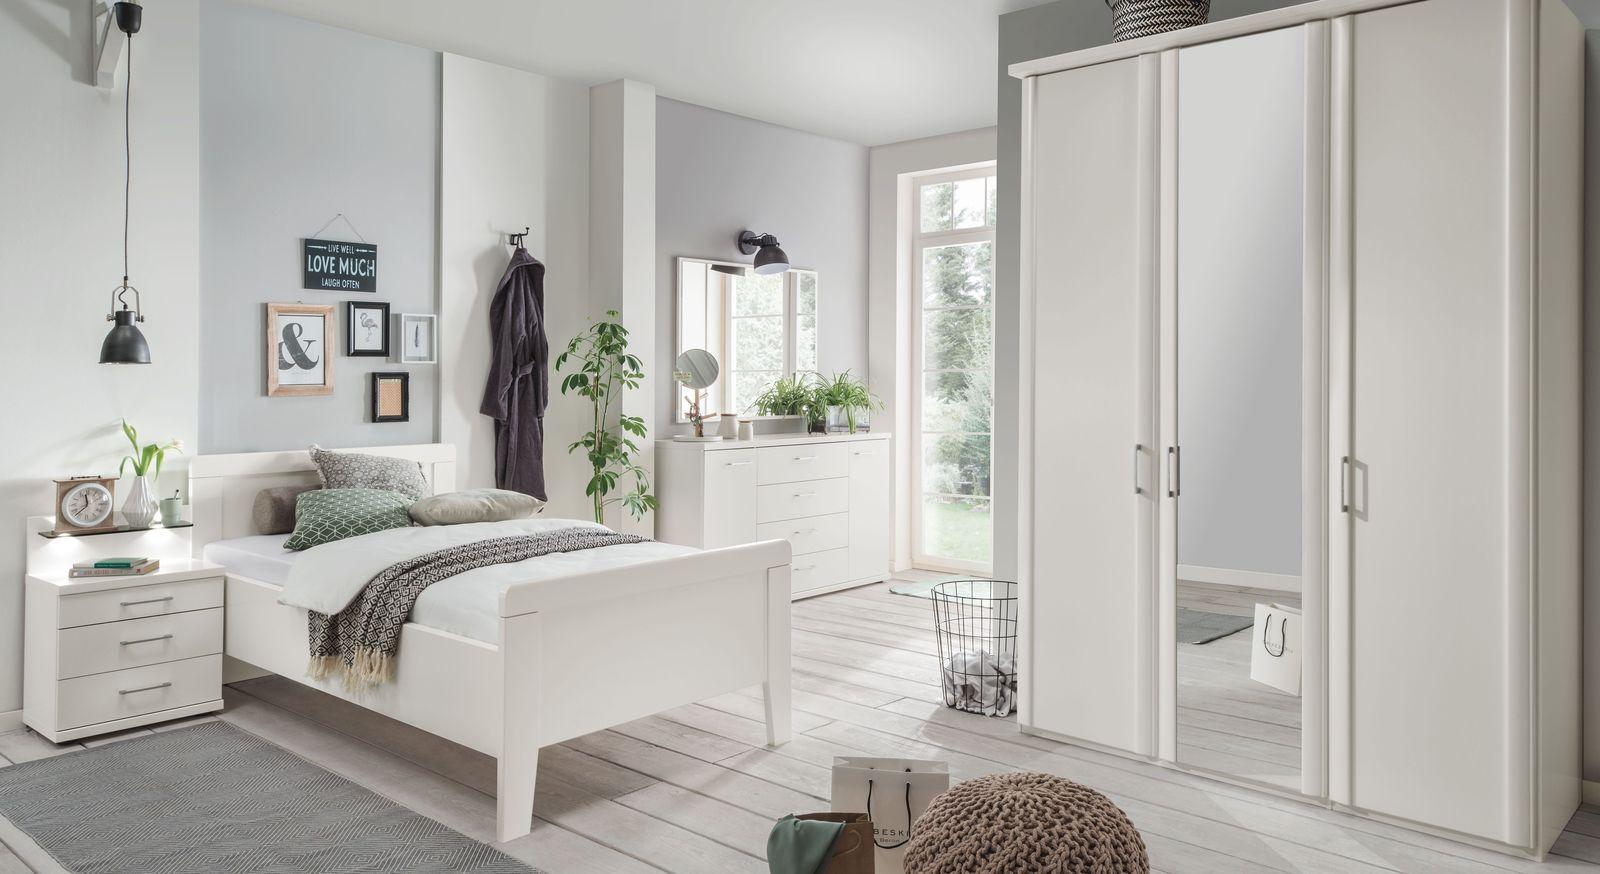 Möbel der Schlafzimmer Reihe Calimera